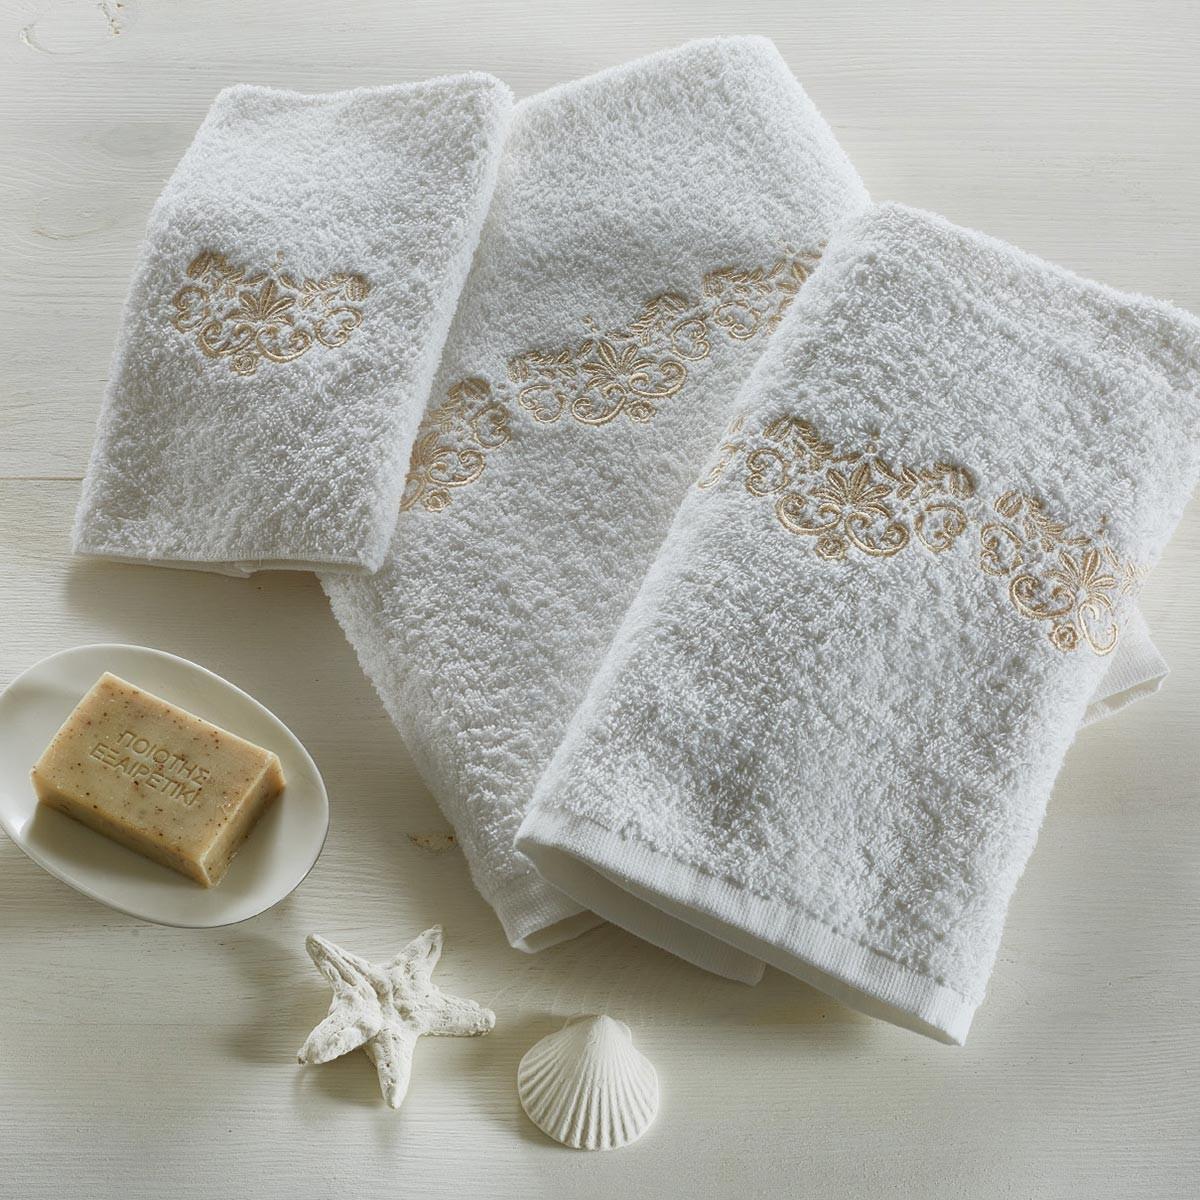 Πετσέτες Μπάνιου (Σετ 3τμχ) White Egg Δέσποινα